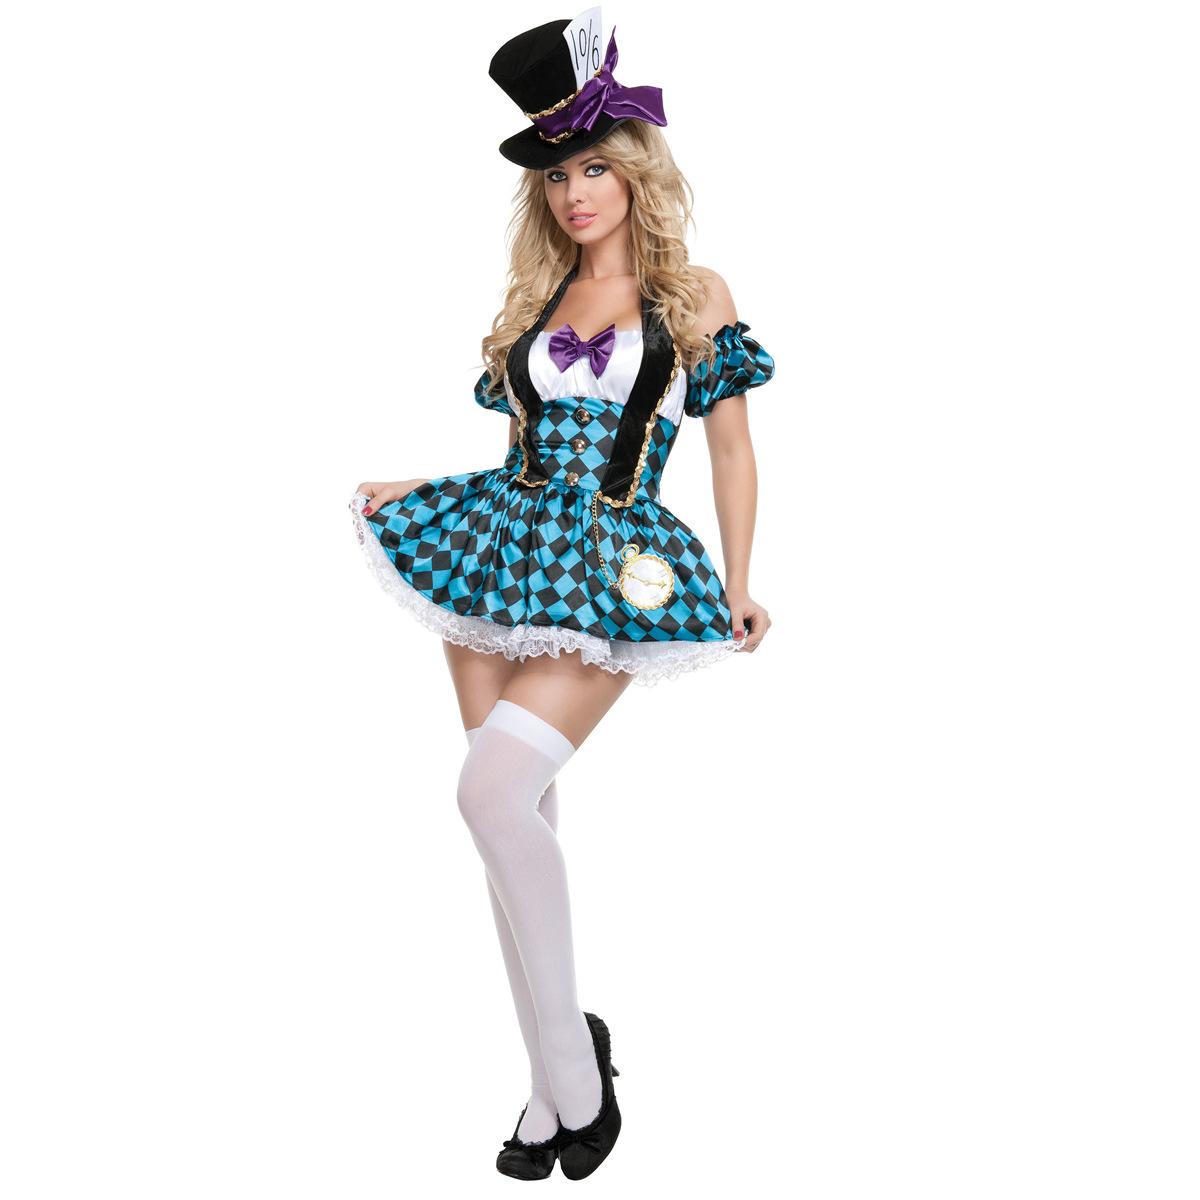 ハロウィンの服装の成人の女性のアリスの仙境のサーカスのピエロはマジシャンの役に従って服装を演じます。